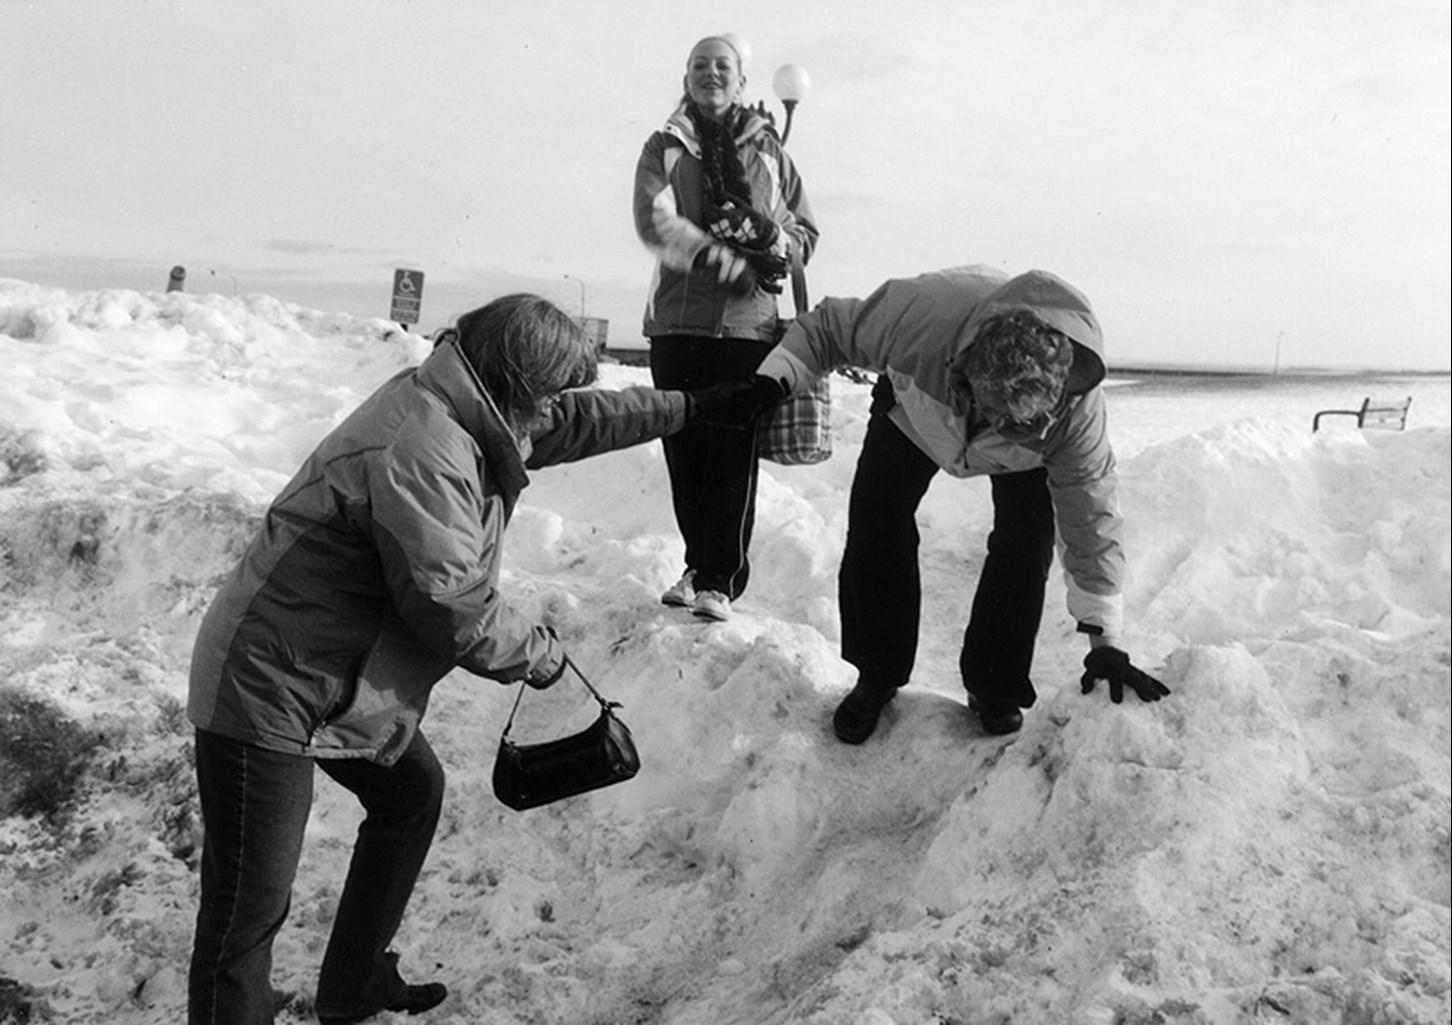 Climbing a snowbank to reach a parking lot, Duluth, Minnesota, January 2008